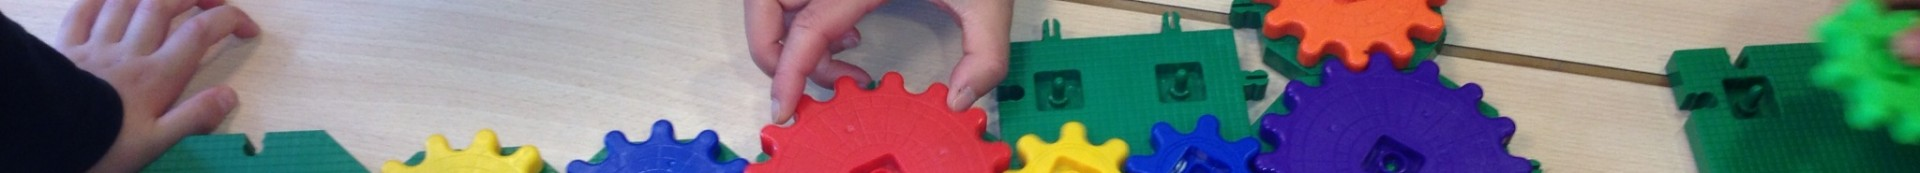 la démarche expérimentale à l'école primaire et maternelle